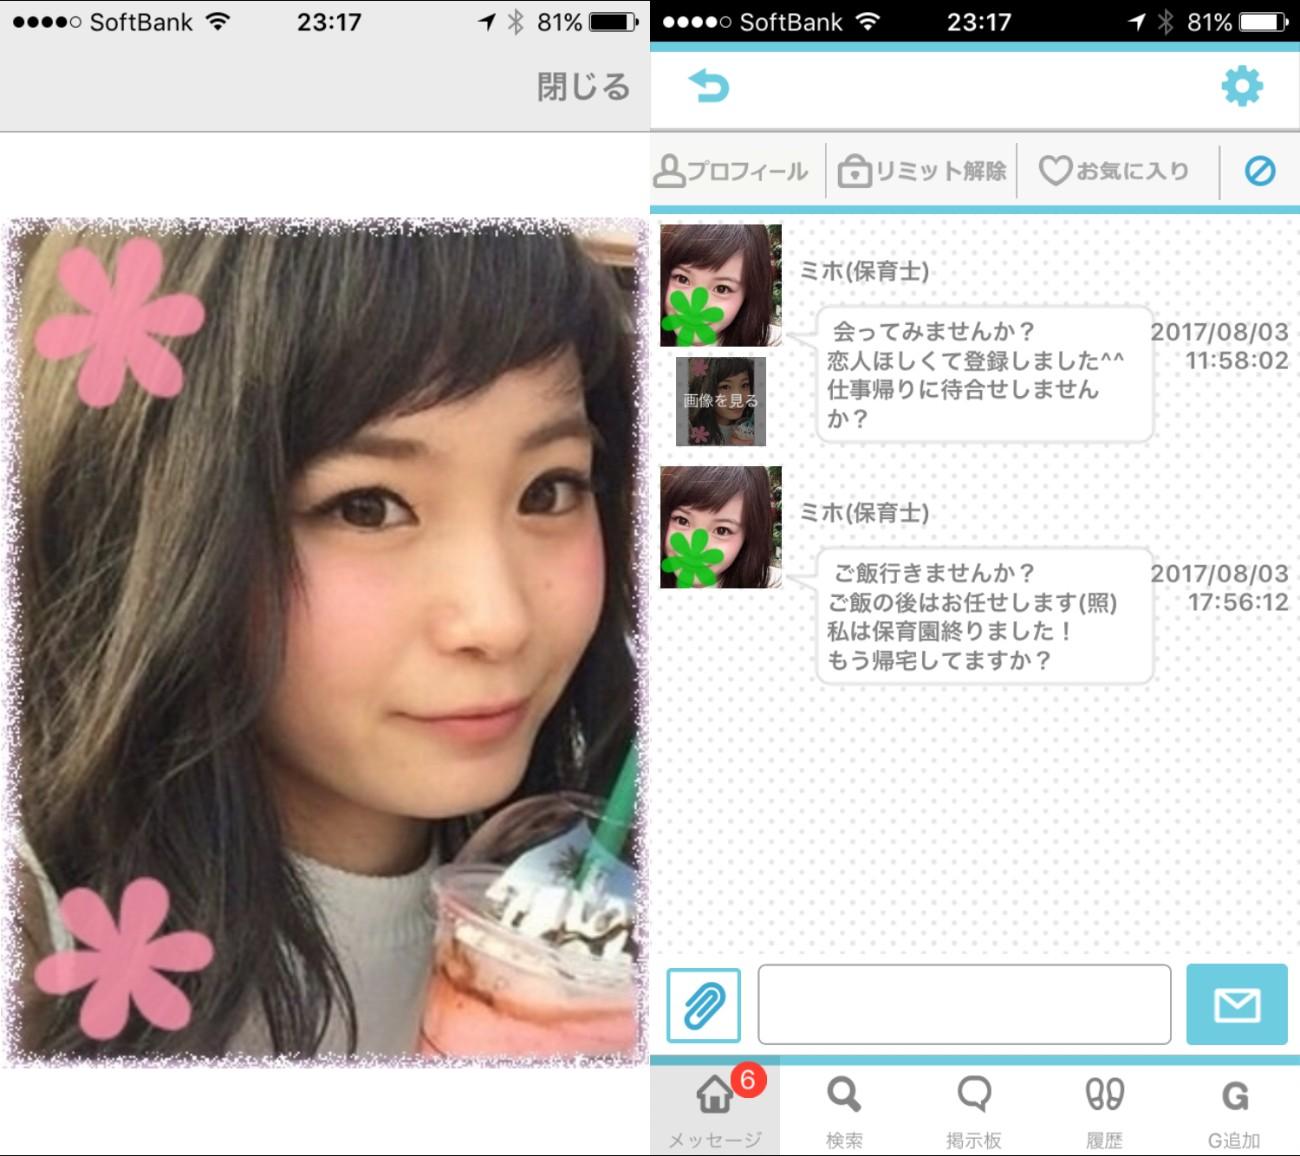 サクラ詐欺出会い系アプリ「PACO!」サクラのミホ(保育士)